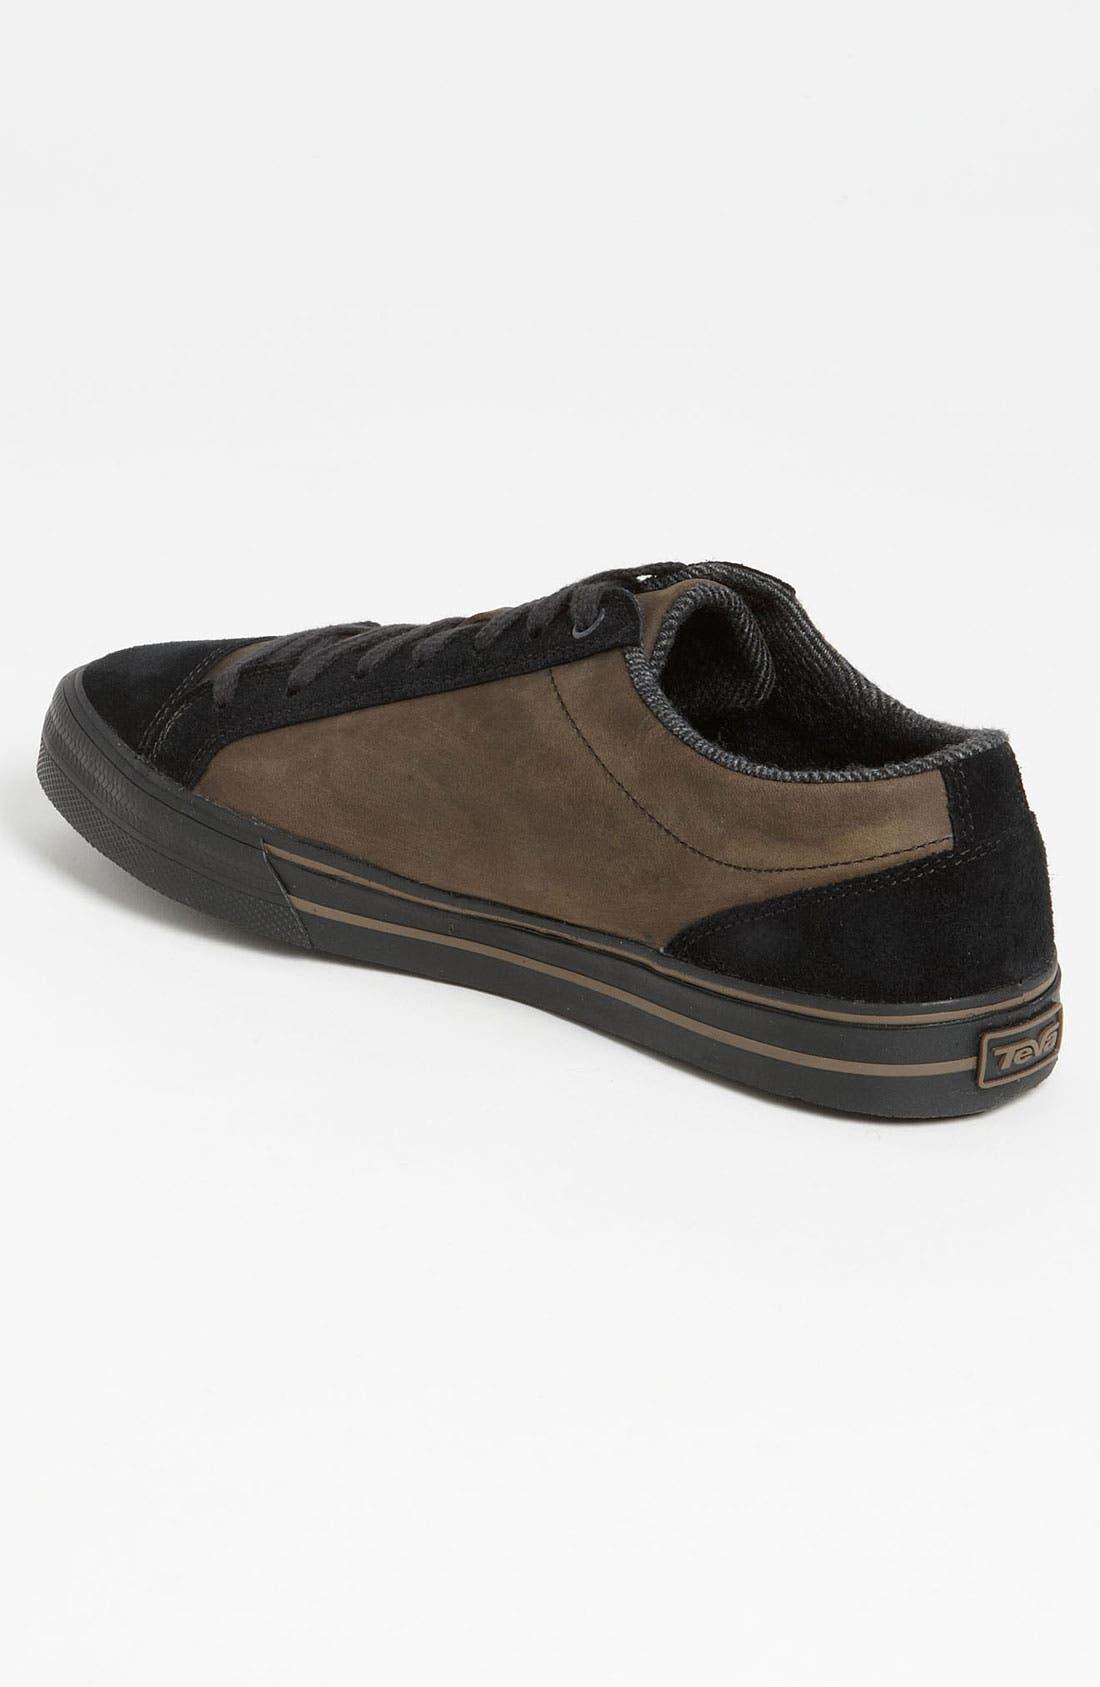 Alternate Image 2  - Teva 'Roller' Sneaker (Online Only)